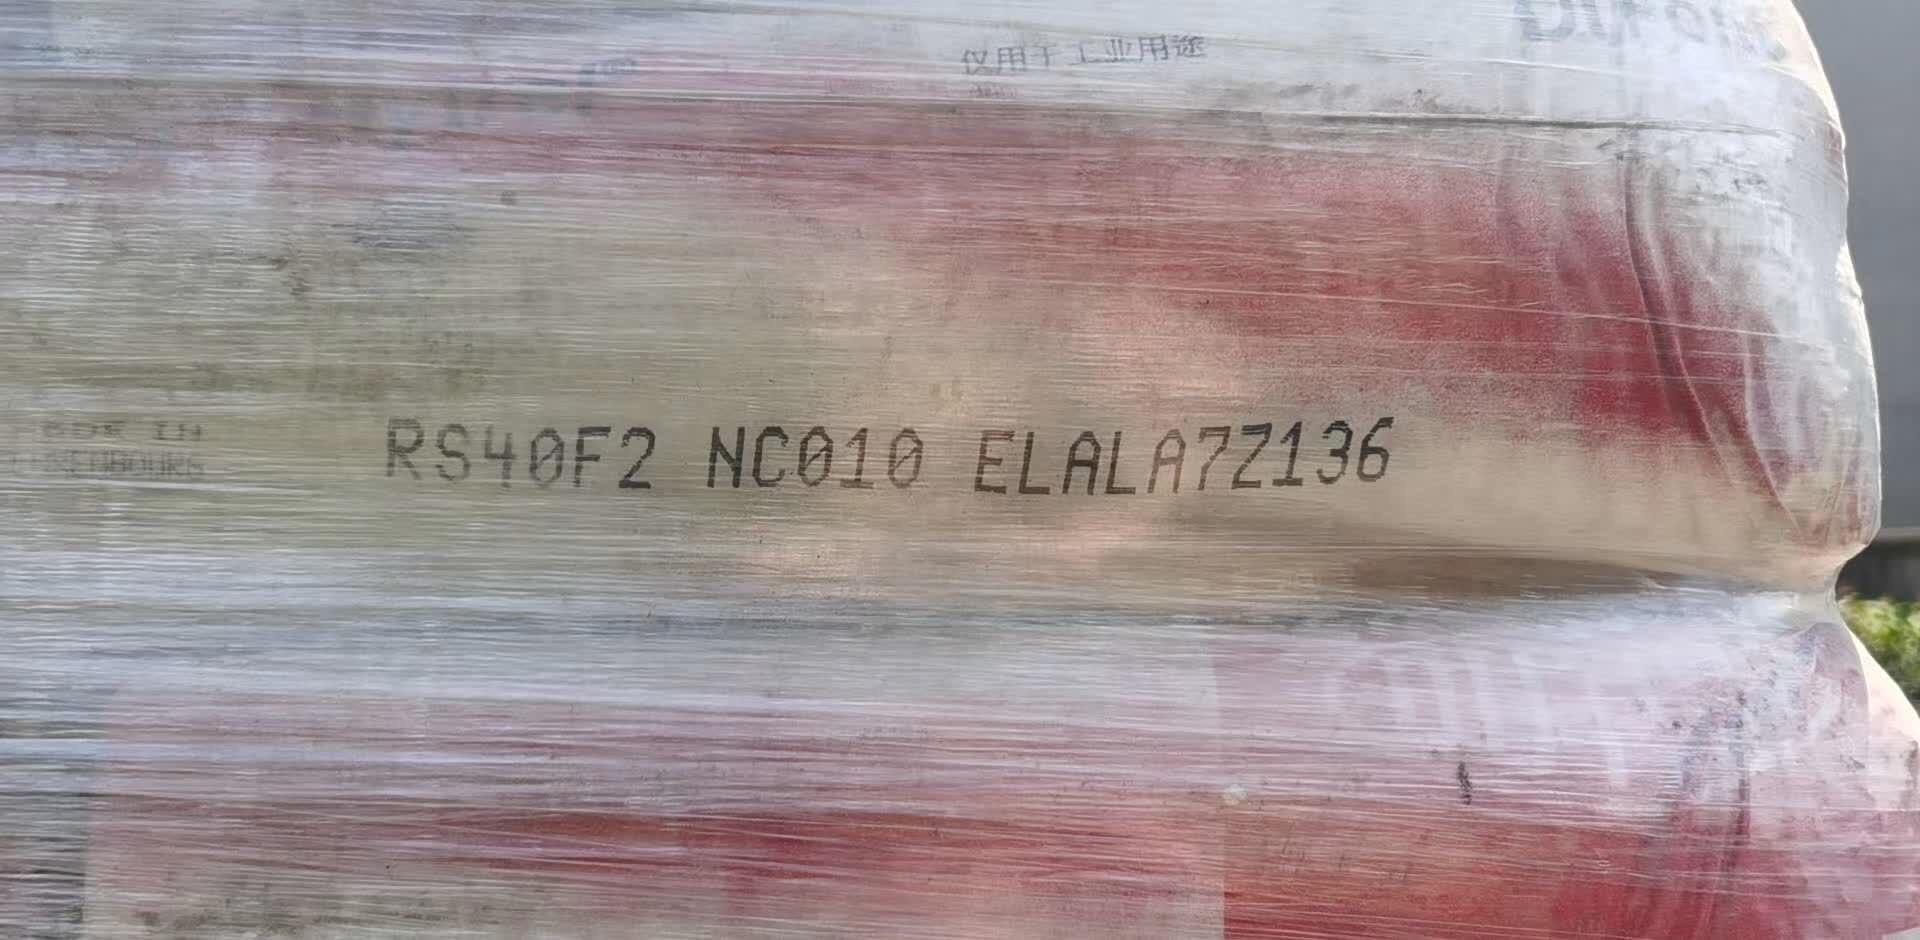 Hytrel RS 40F2 NC010